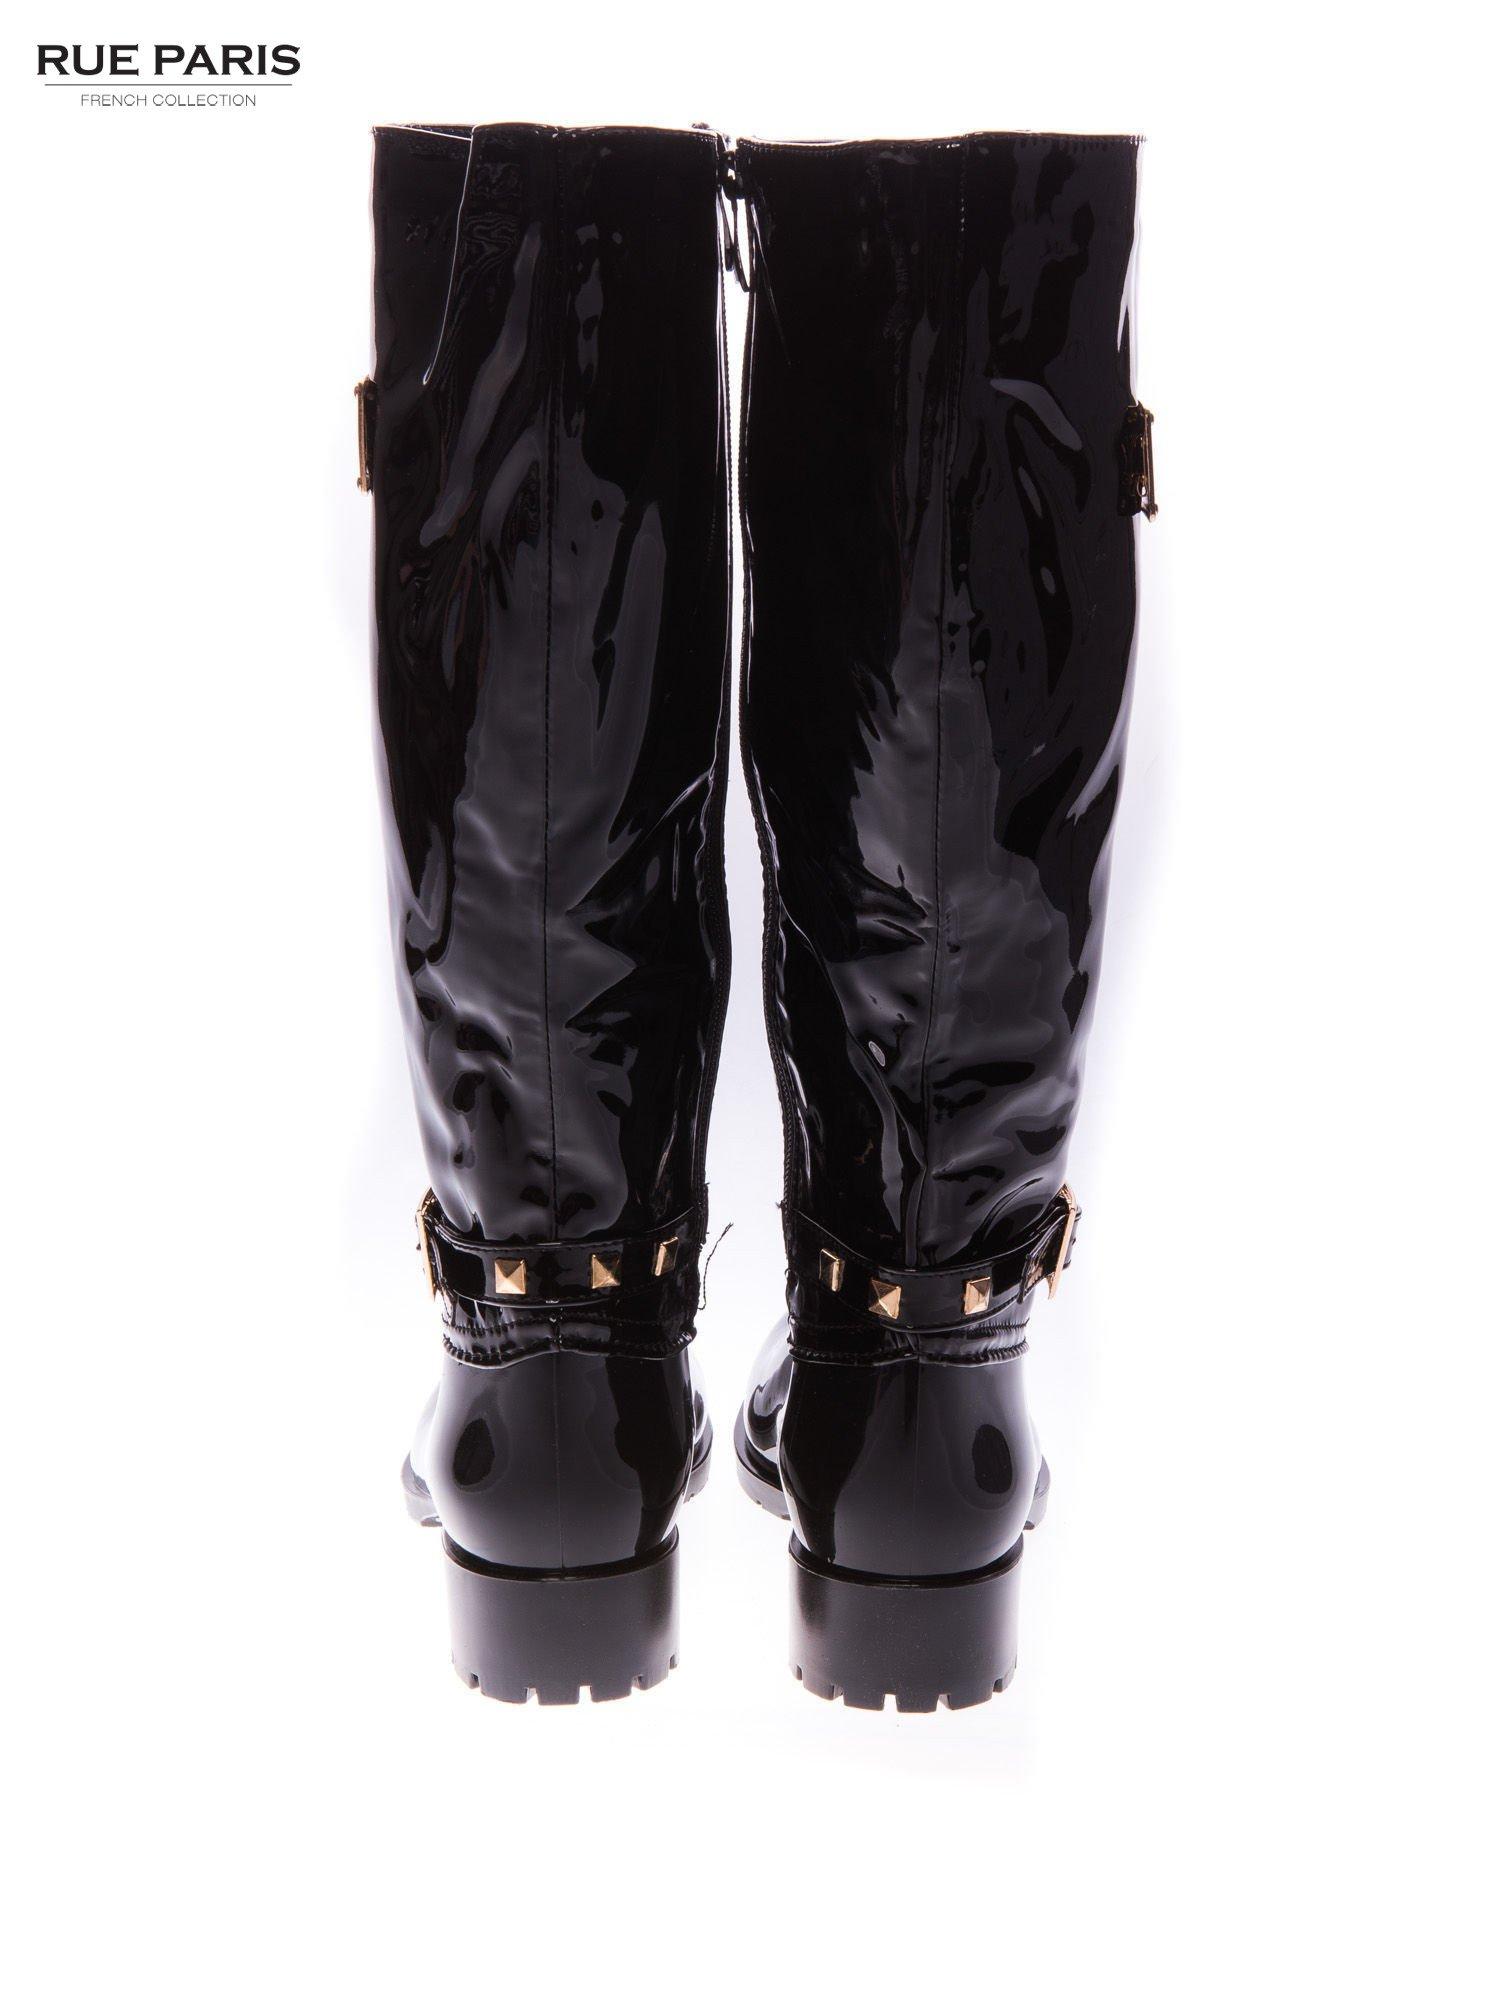 Czarne lakierowane kalosze ze złotą klamerką w stylu biker shoes                                  zdj.                                  3